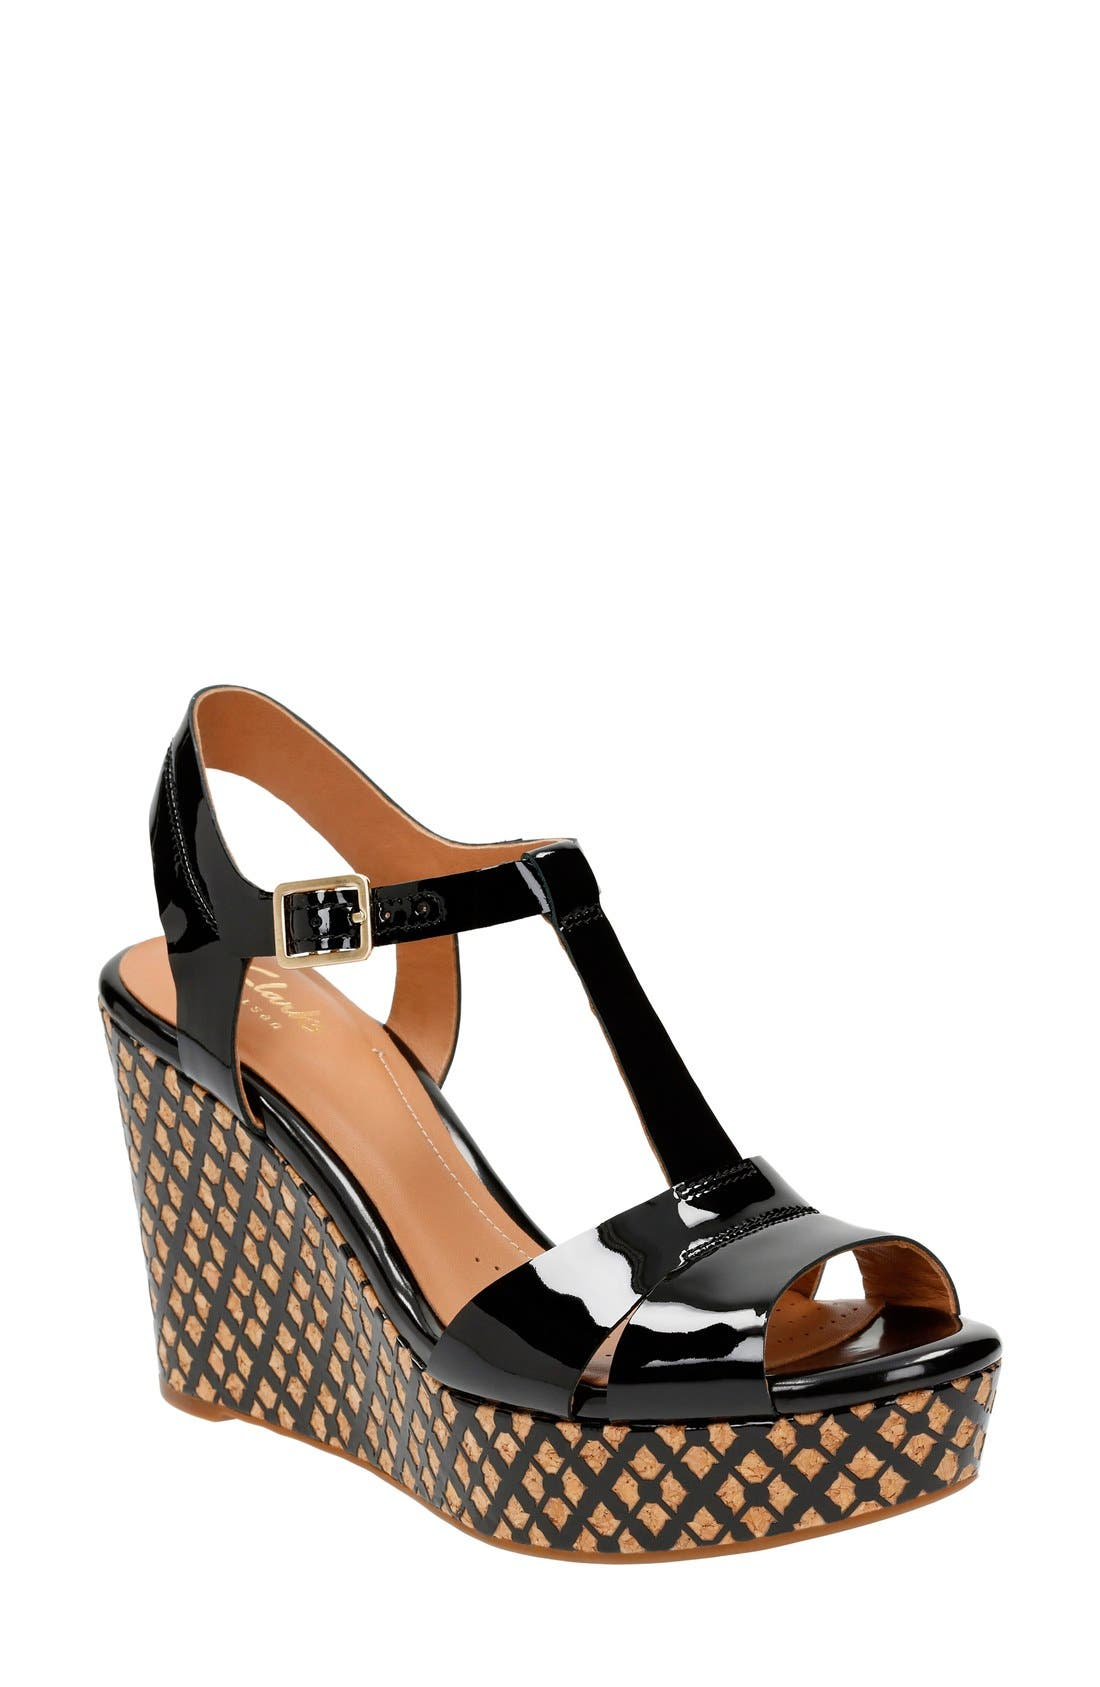 'Amelia Roma' Wedge Sandal, Main, color, 017